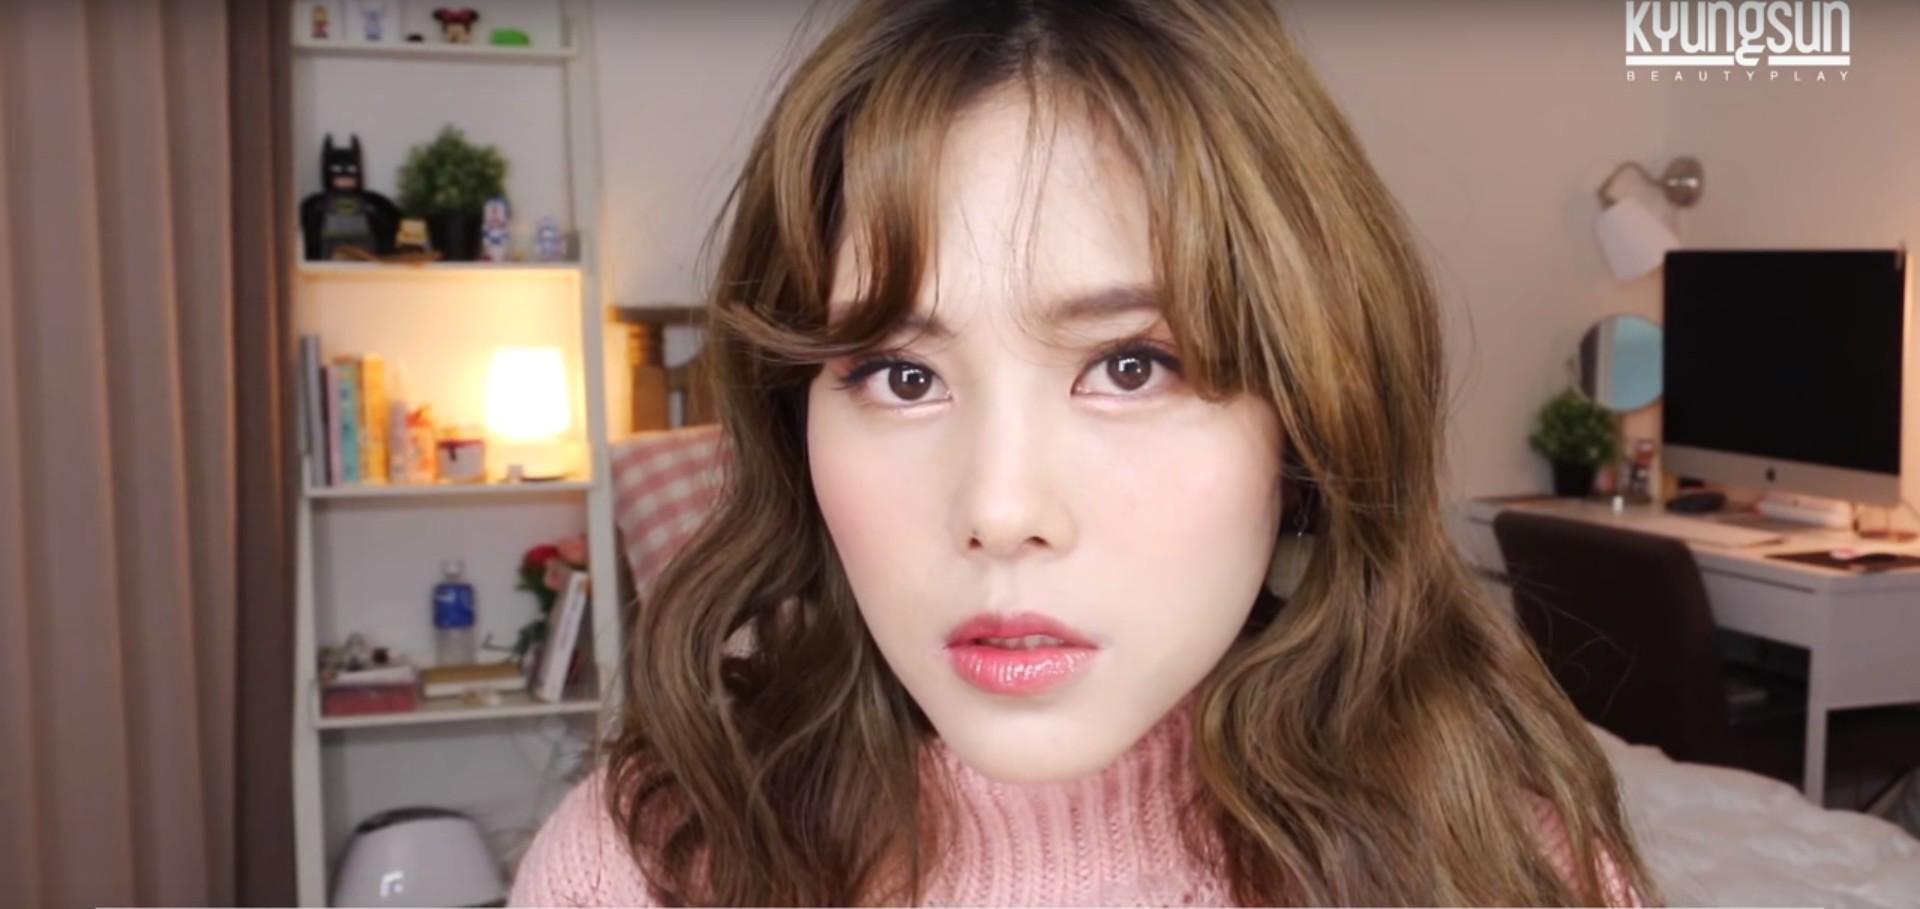 Kyung Sun的彩妝教學包含很多內容,以場合區分適合的妝、最熱門的新品介紹都有,偽少女覺得她的眼妝畫得真的很美欸,可以偷偷學起來。